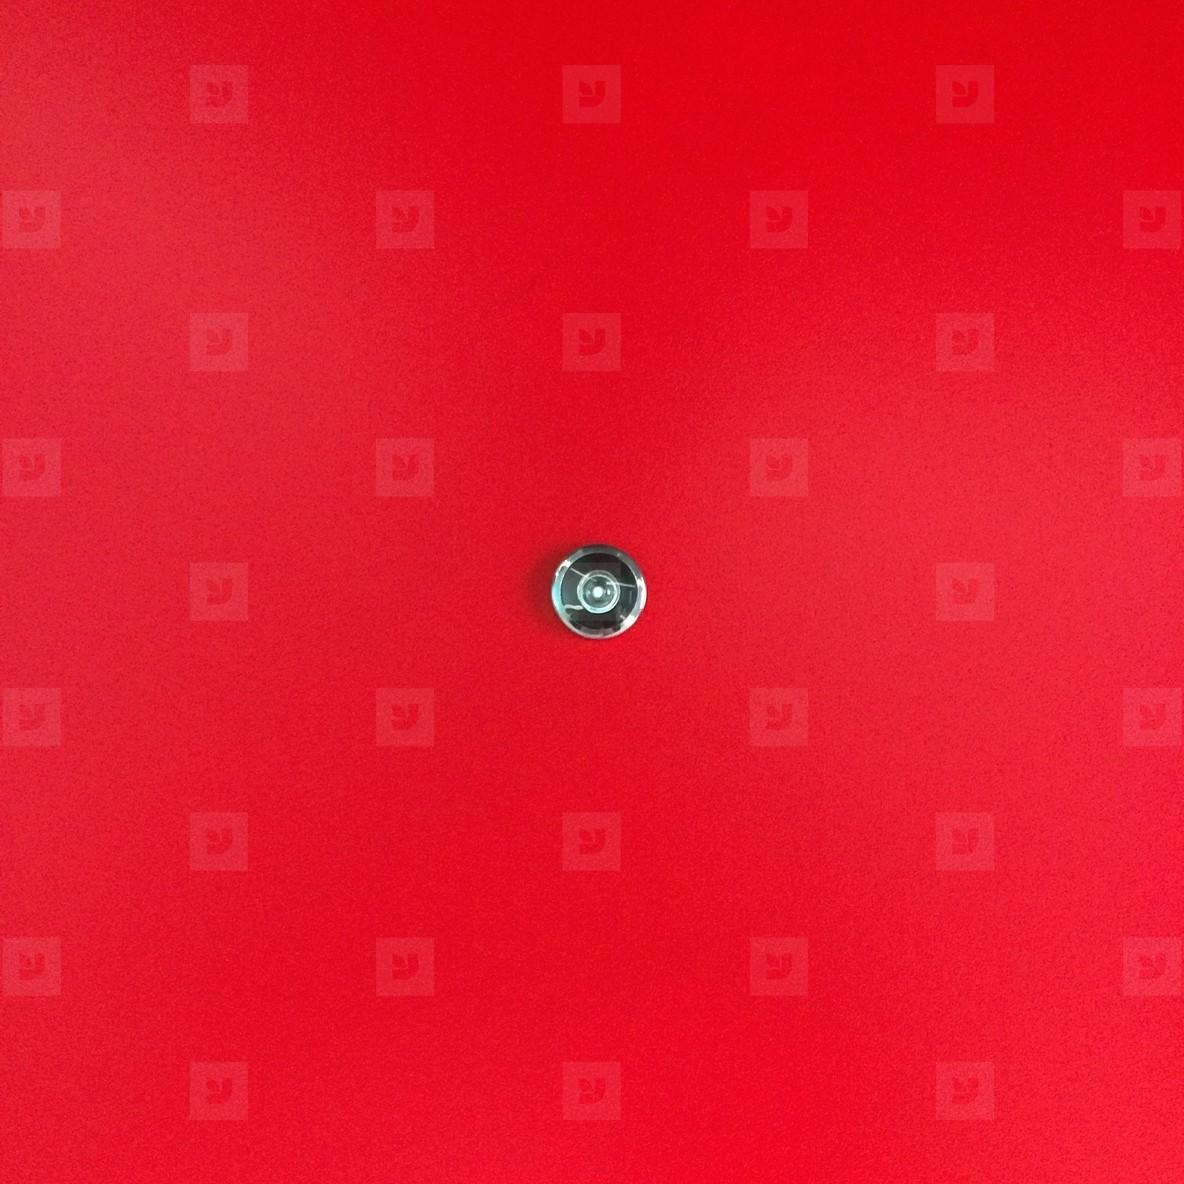 Door lens peephole on red wooden